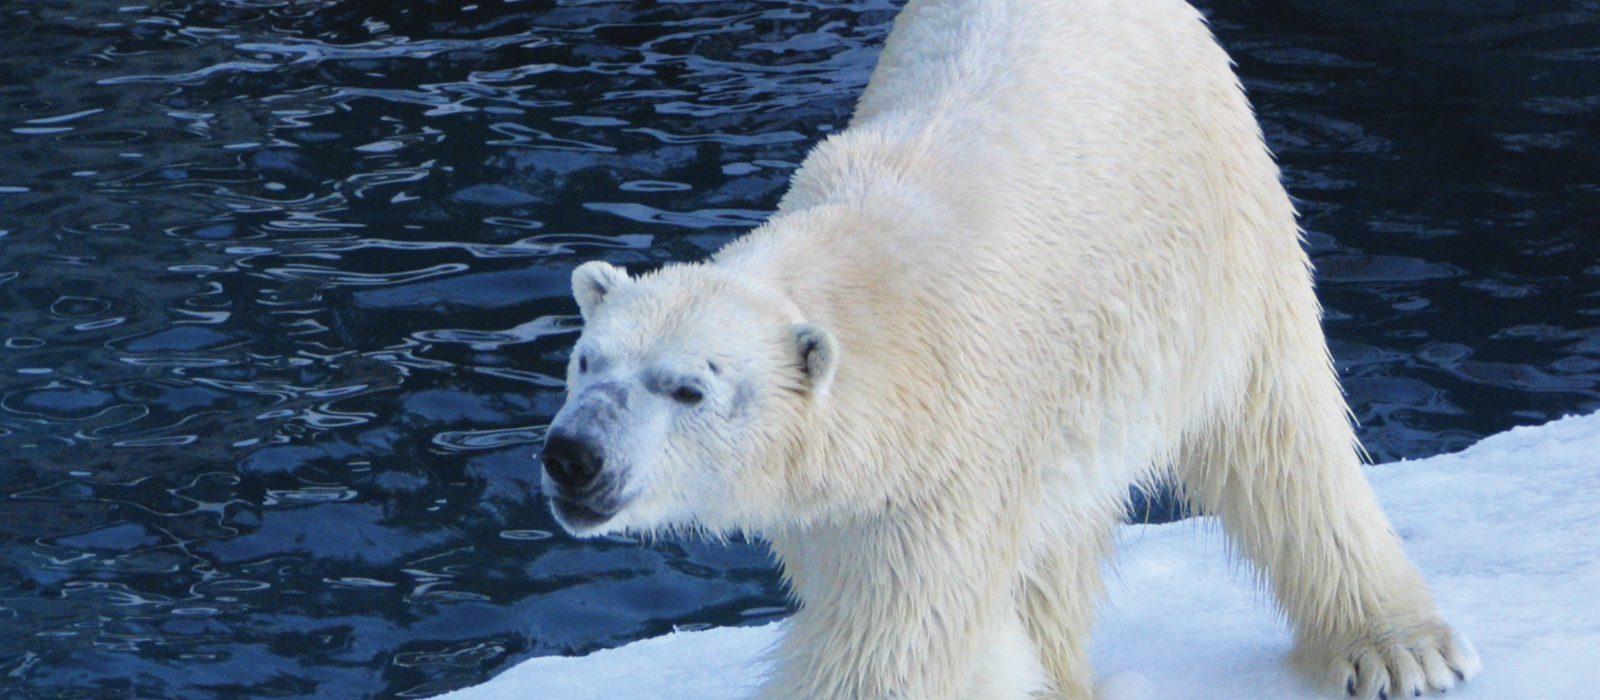 7-commandements-hiver-quebecois-geant-zoo-saint-felicien-saguenay-lac-saint-jean-quebec-le-mag